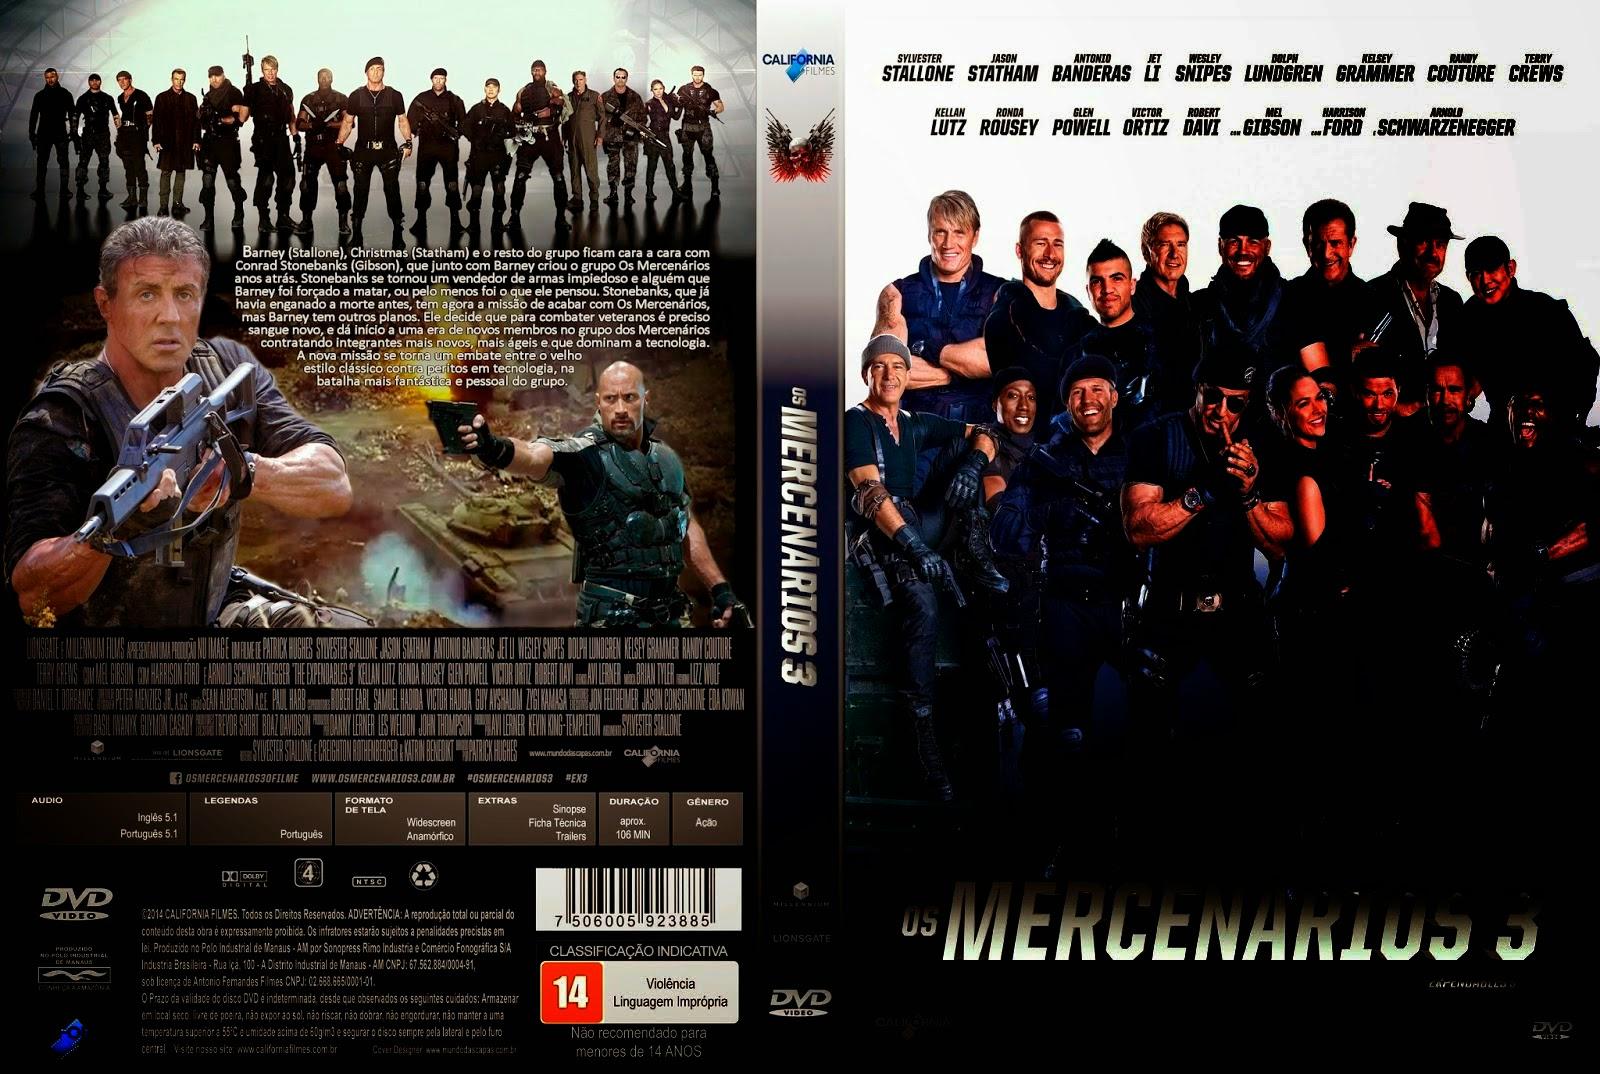 Los Mercenarios 3 DVD